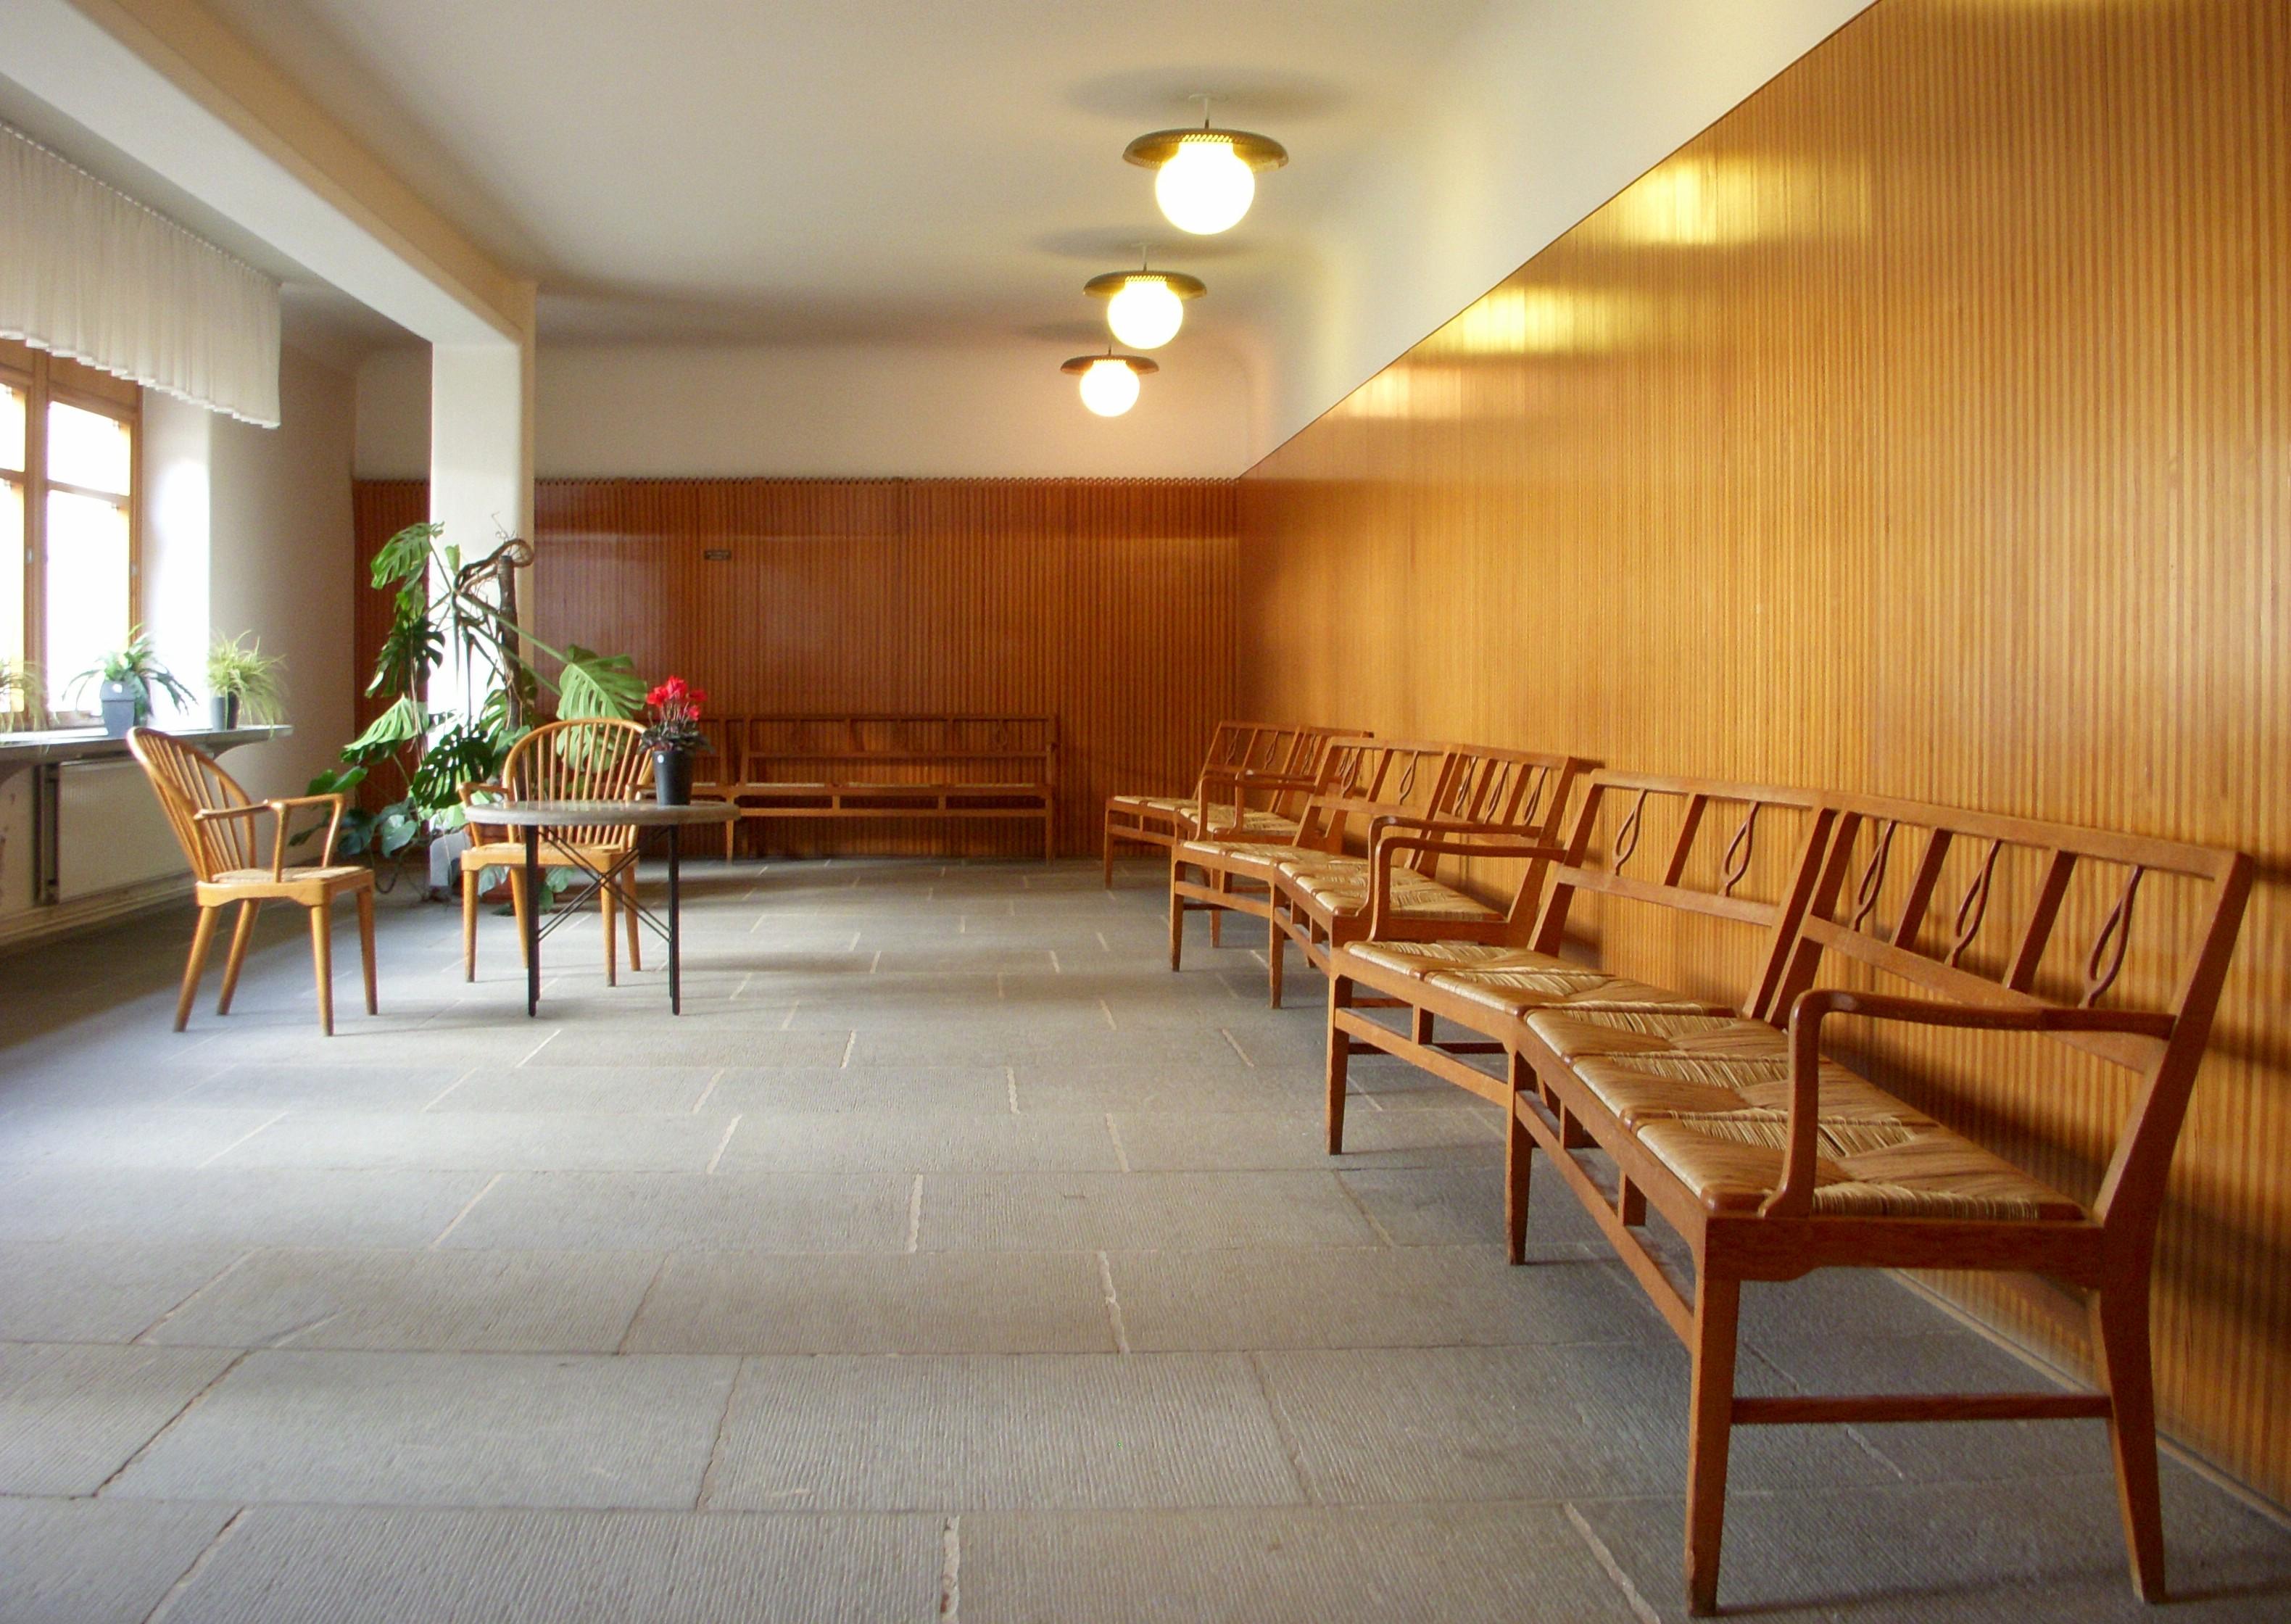 Heliga Kors kyrka (The church of the holy cross - Visit Blekinge